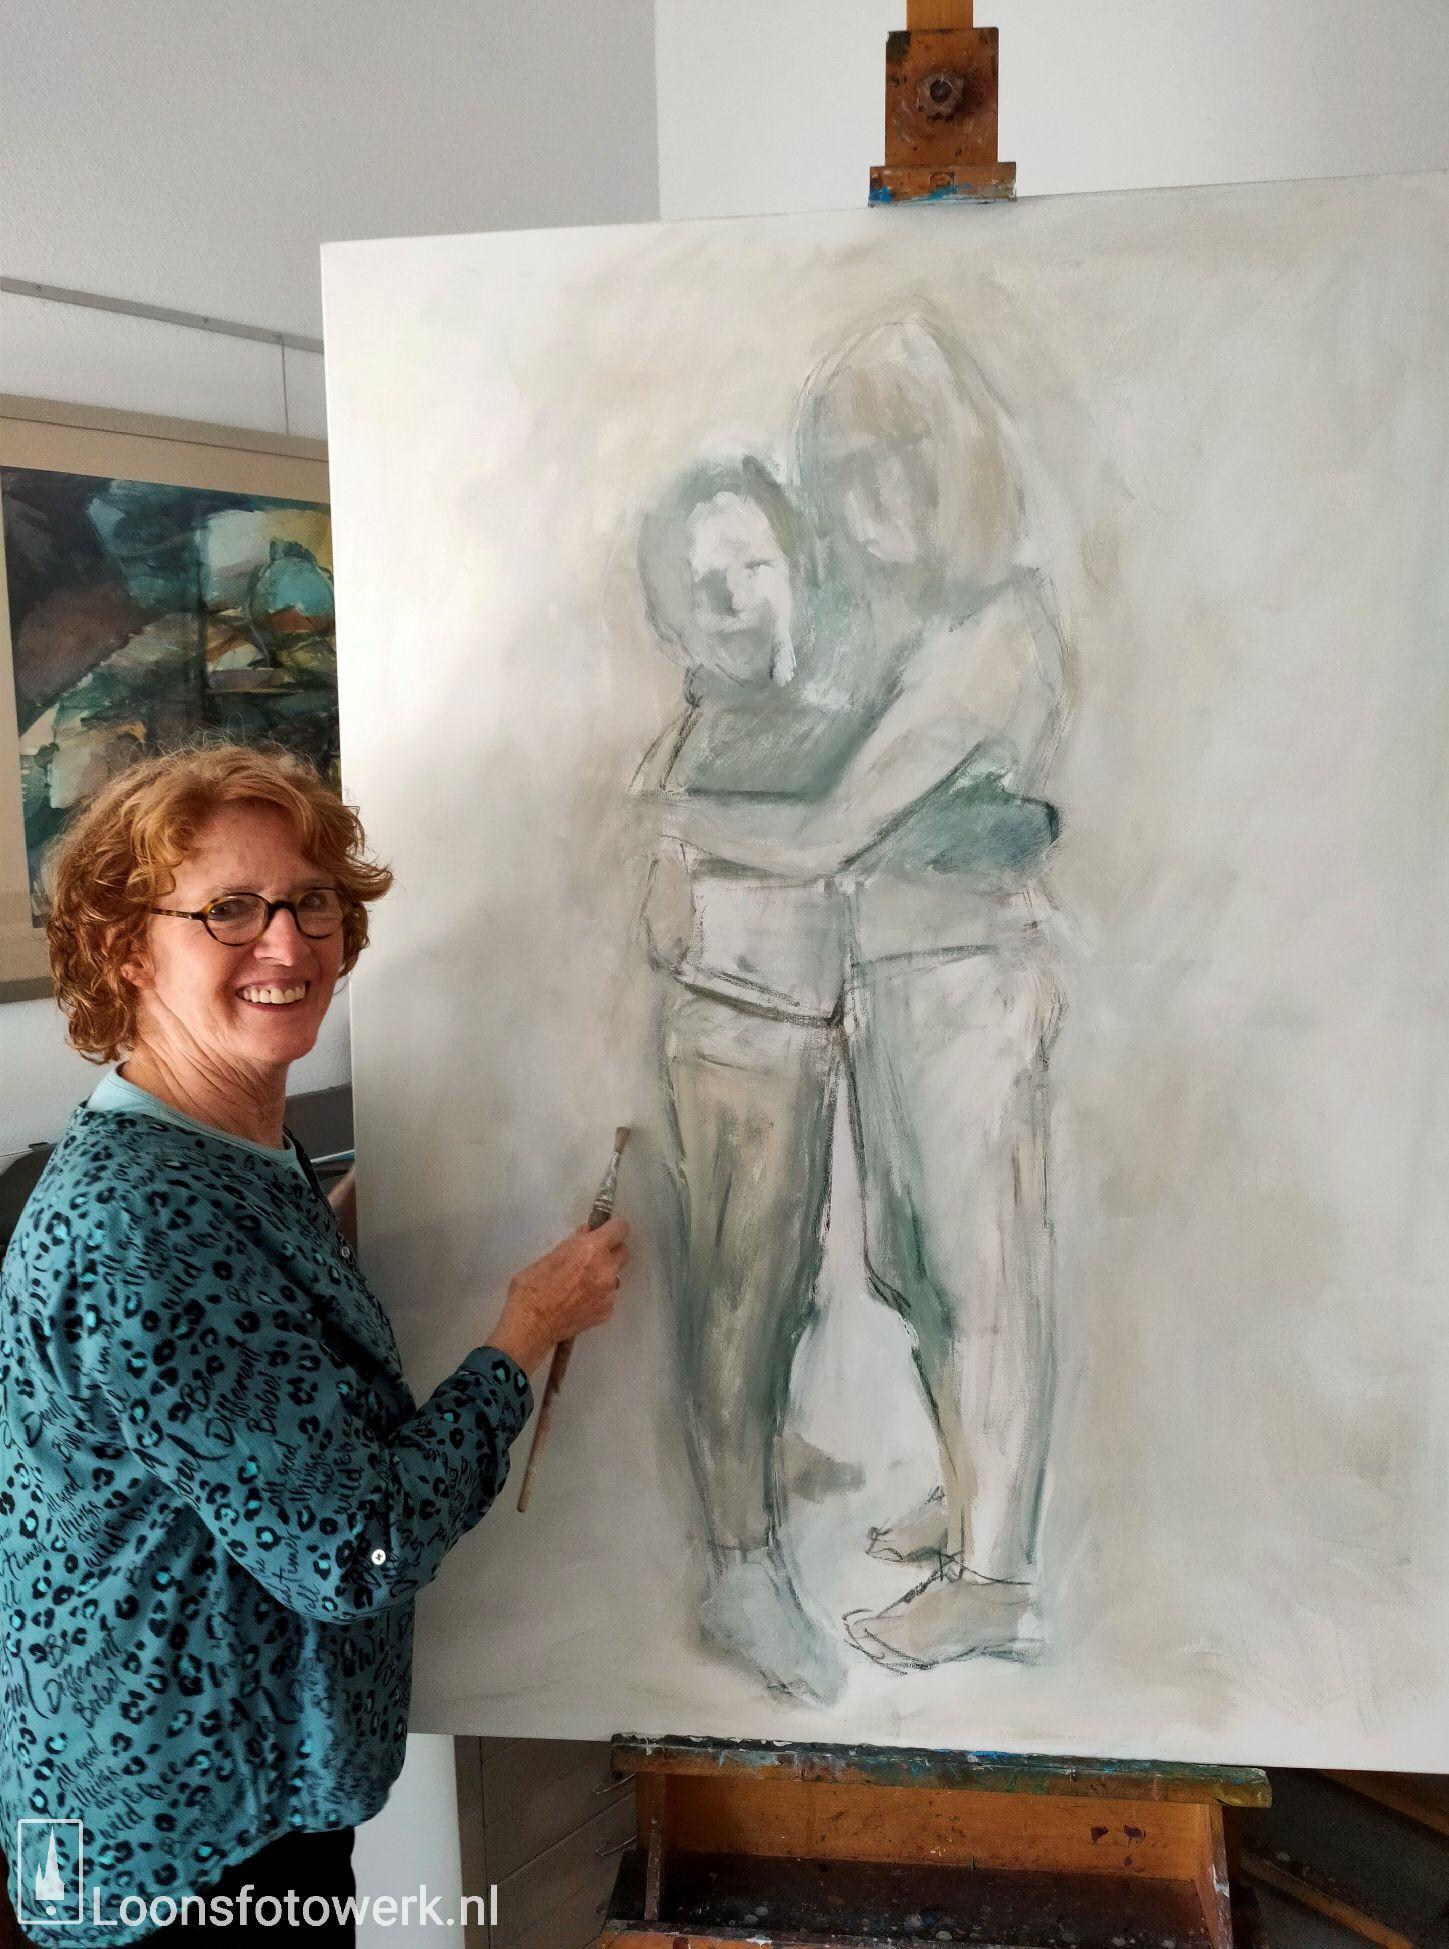 Els Smulders - Waijers, kunstenares in hart en nieren 10